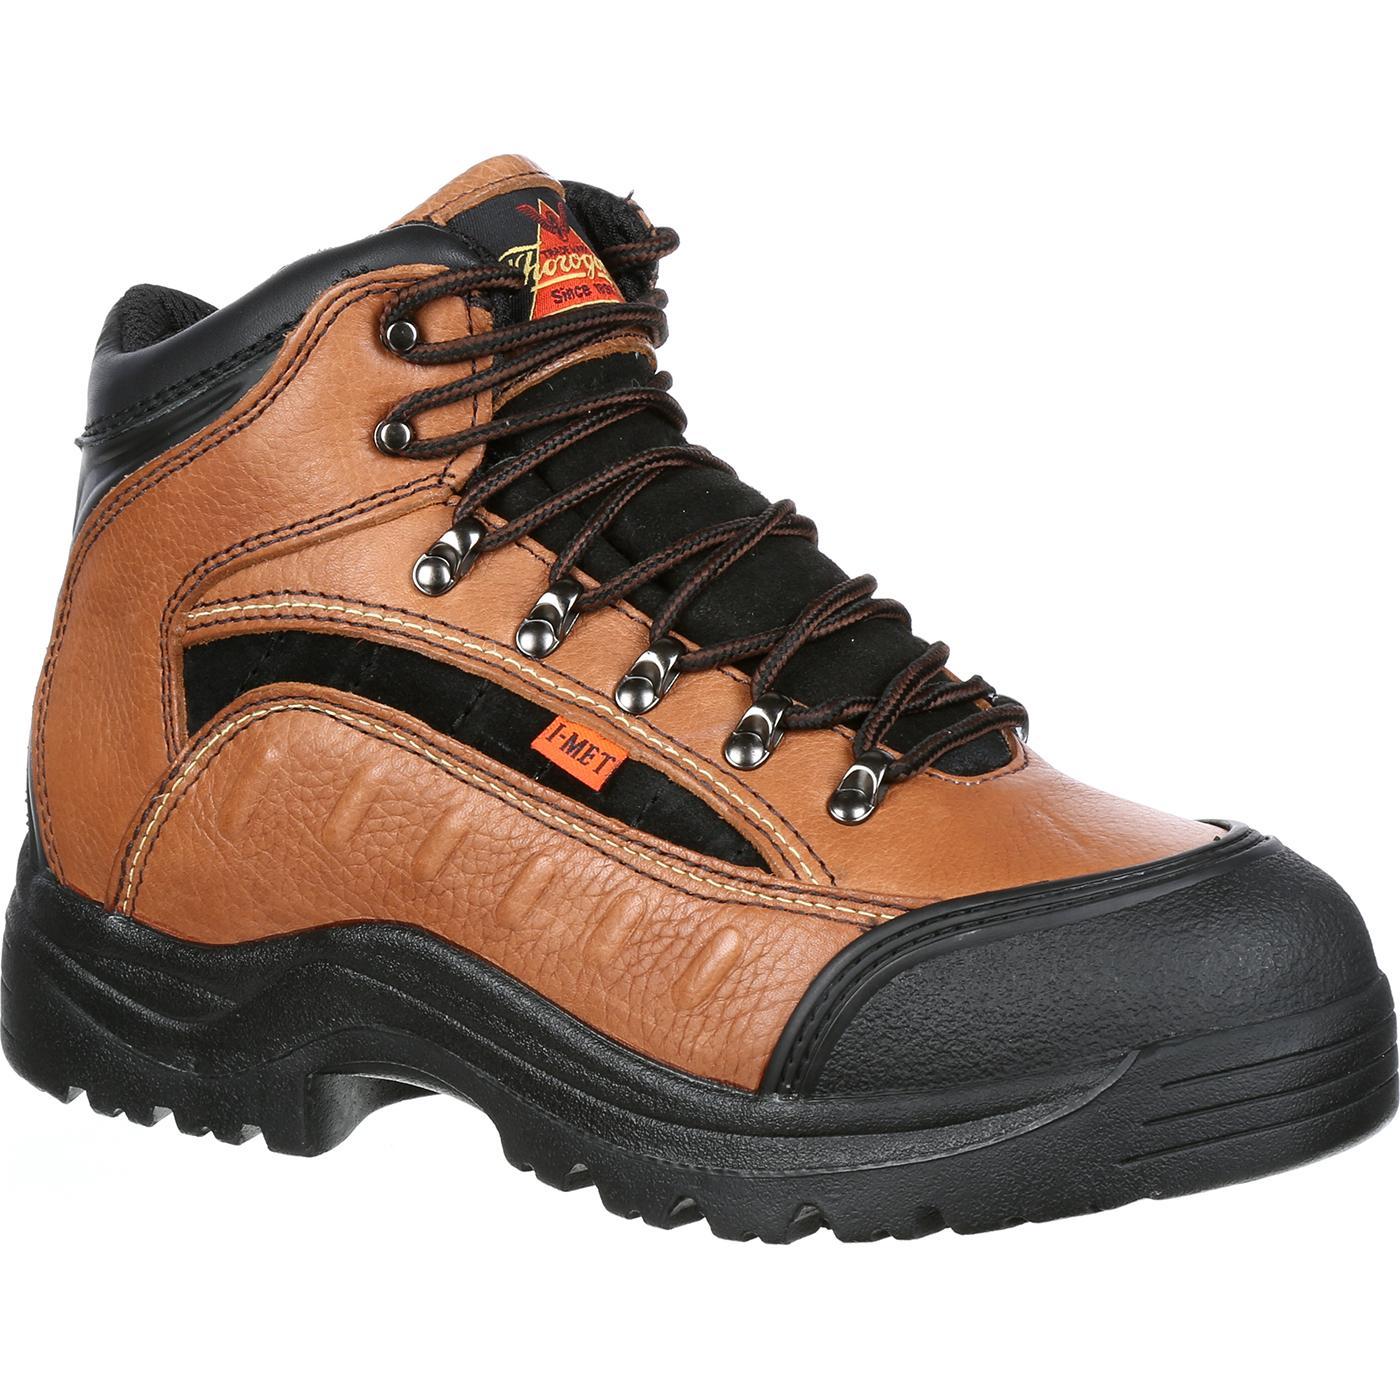 687352532bf Thorogood I-MET2 Internal Met Guard Work Hike Boot